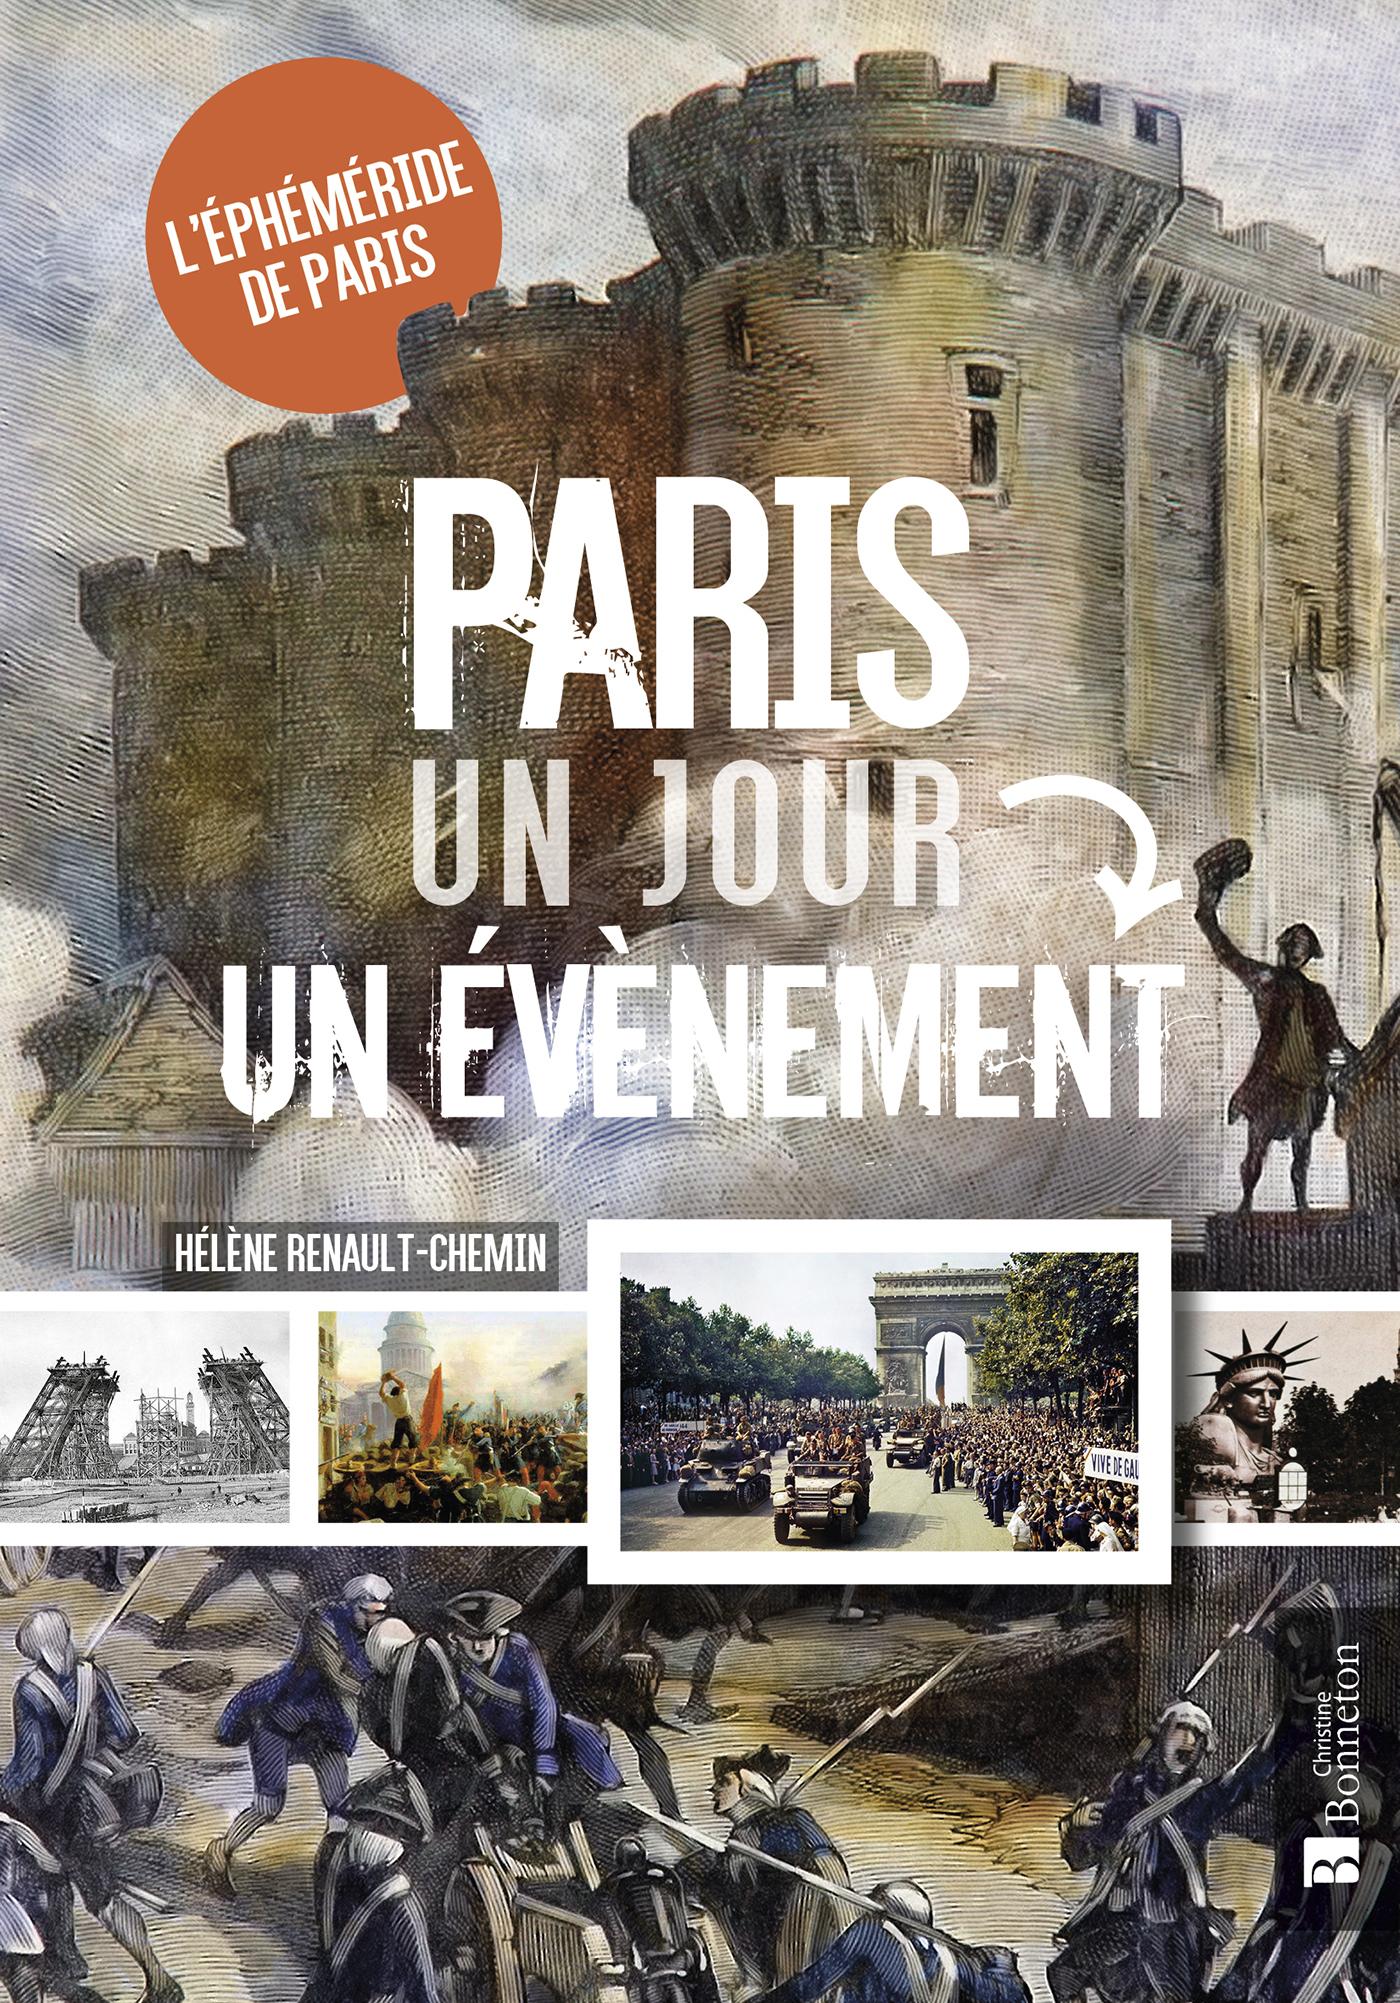 PARIS UN JOUR, UN EVENEMENT